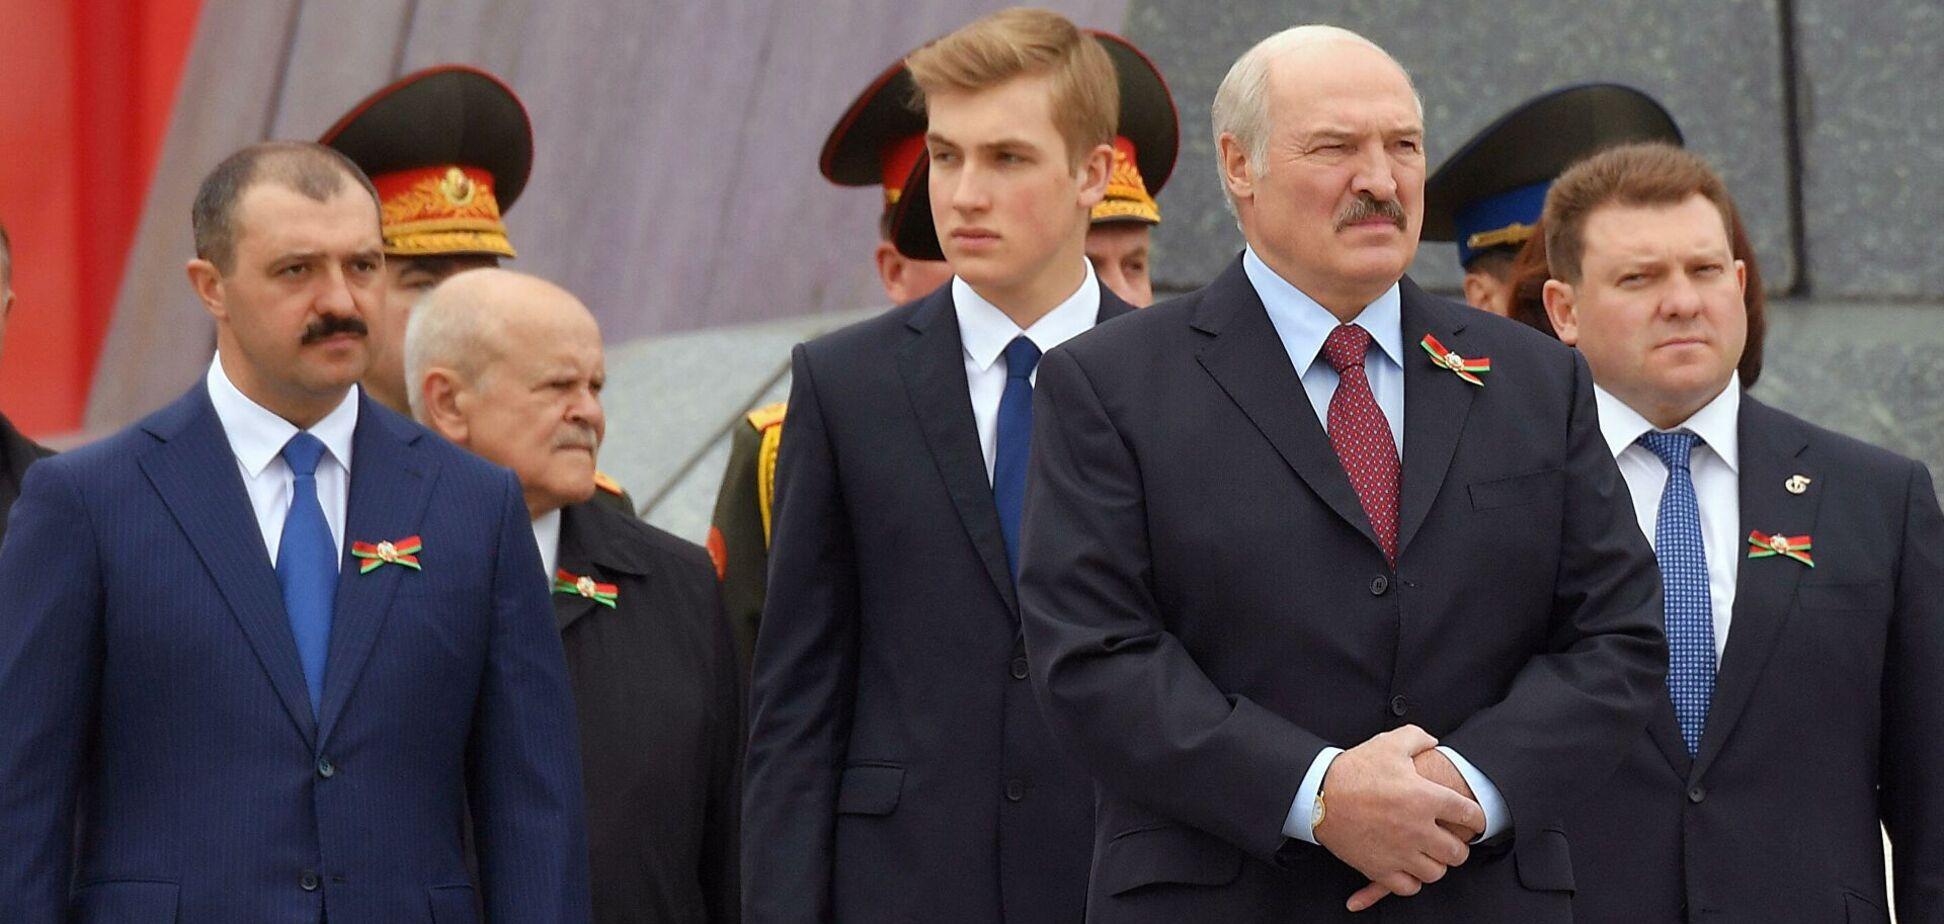 Олександр Лукашенко з синами